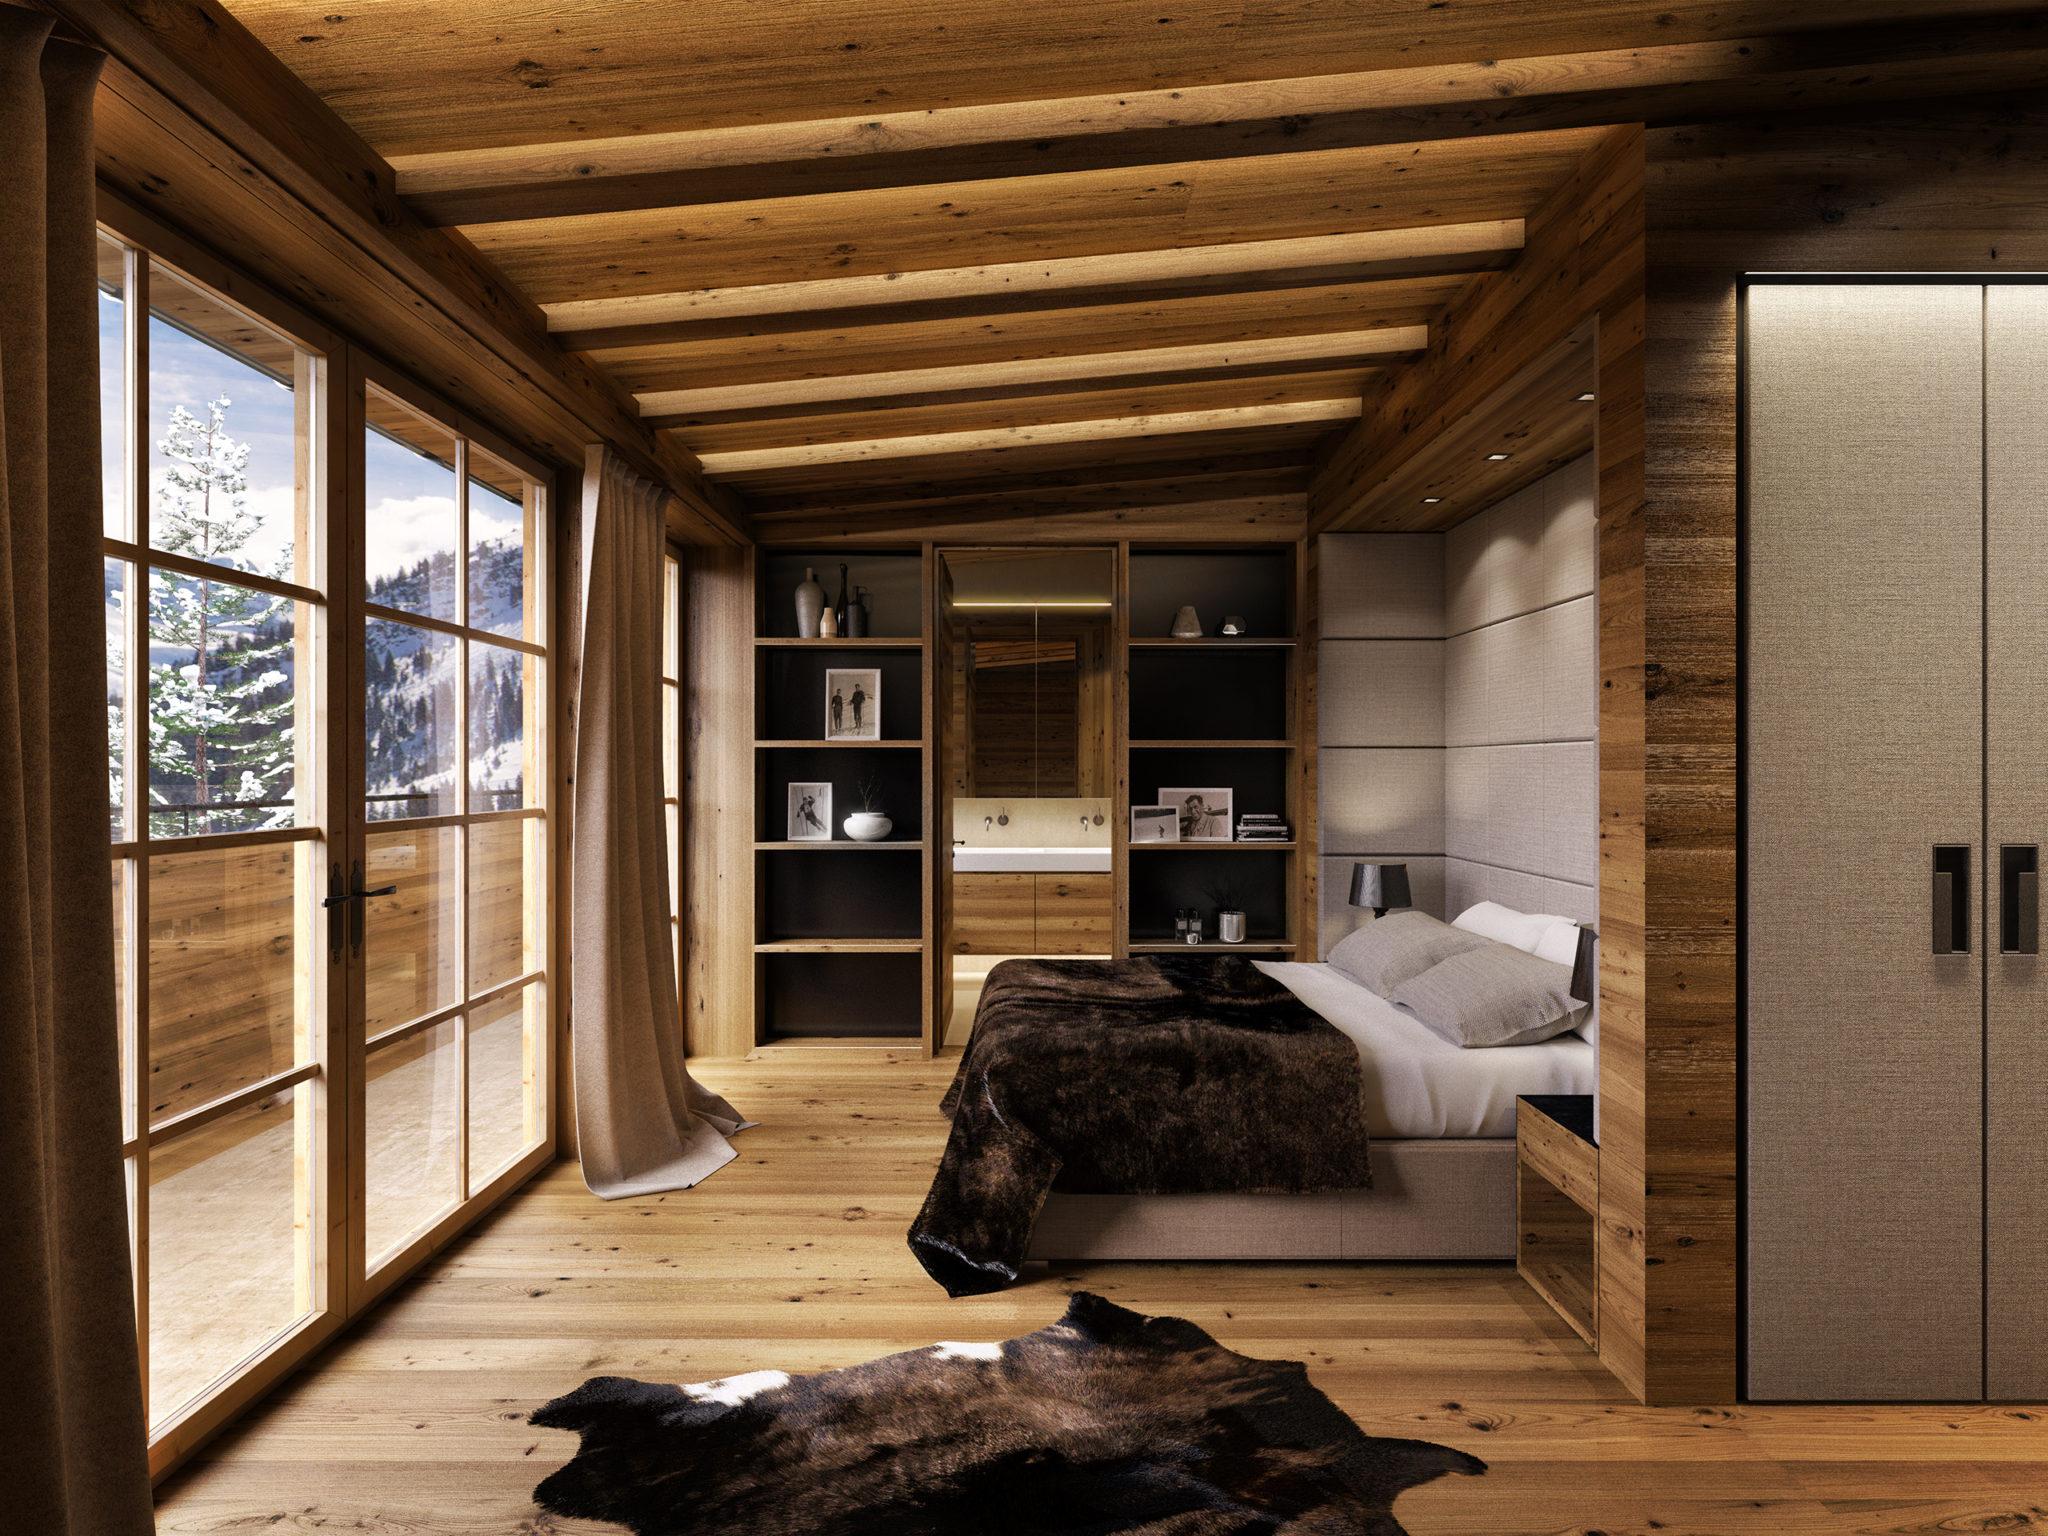 Visualisierung eines gemütlichen Hotelzimmers für angenehmes Ausspannen nach dem Skitag.